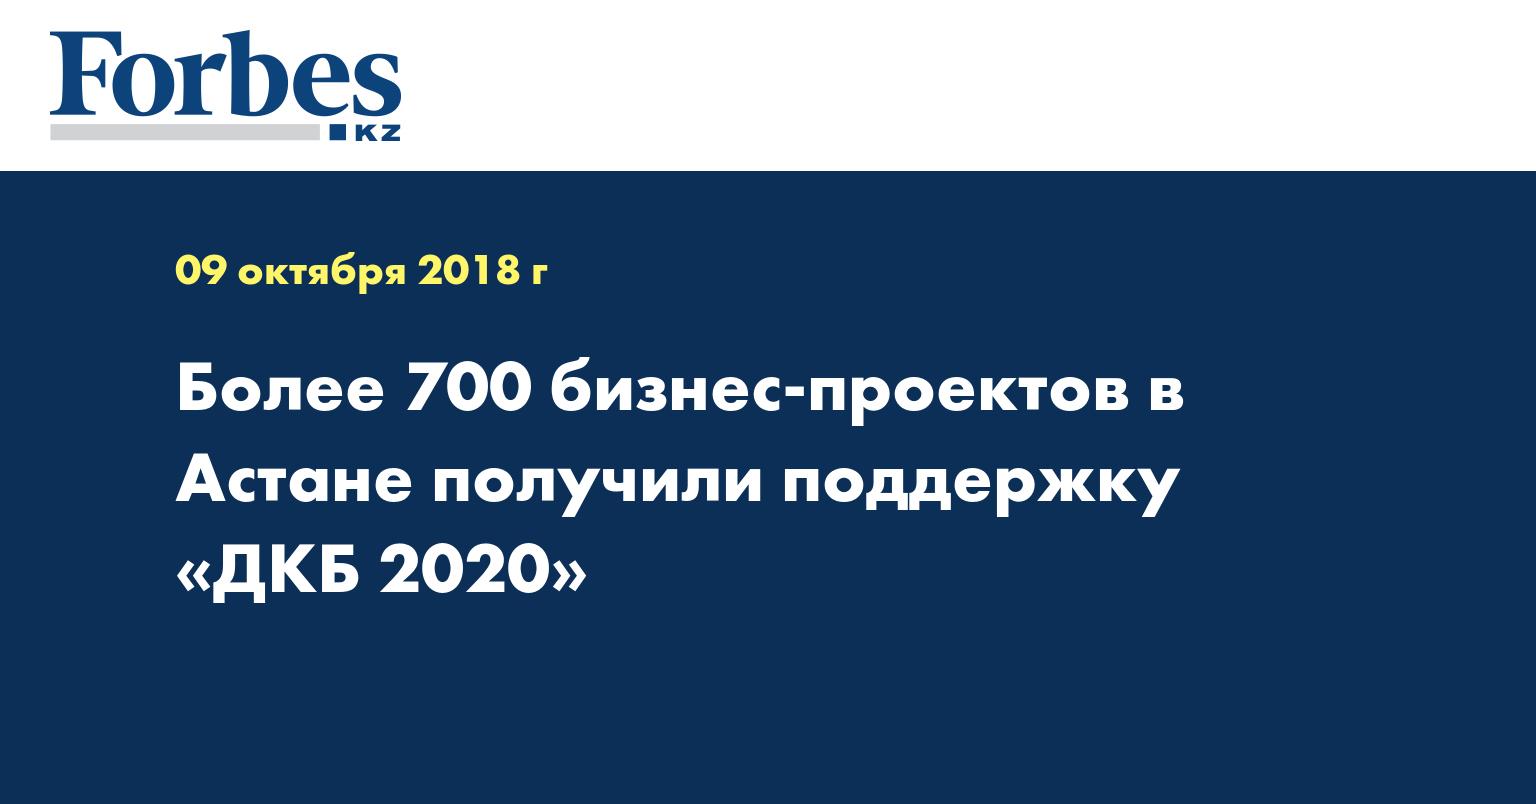 Более 700 бизнес-проектов в Астане получили поддержку «ДКБ 2020»